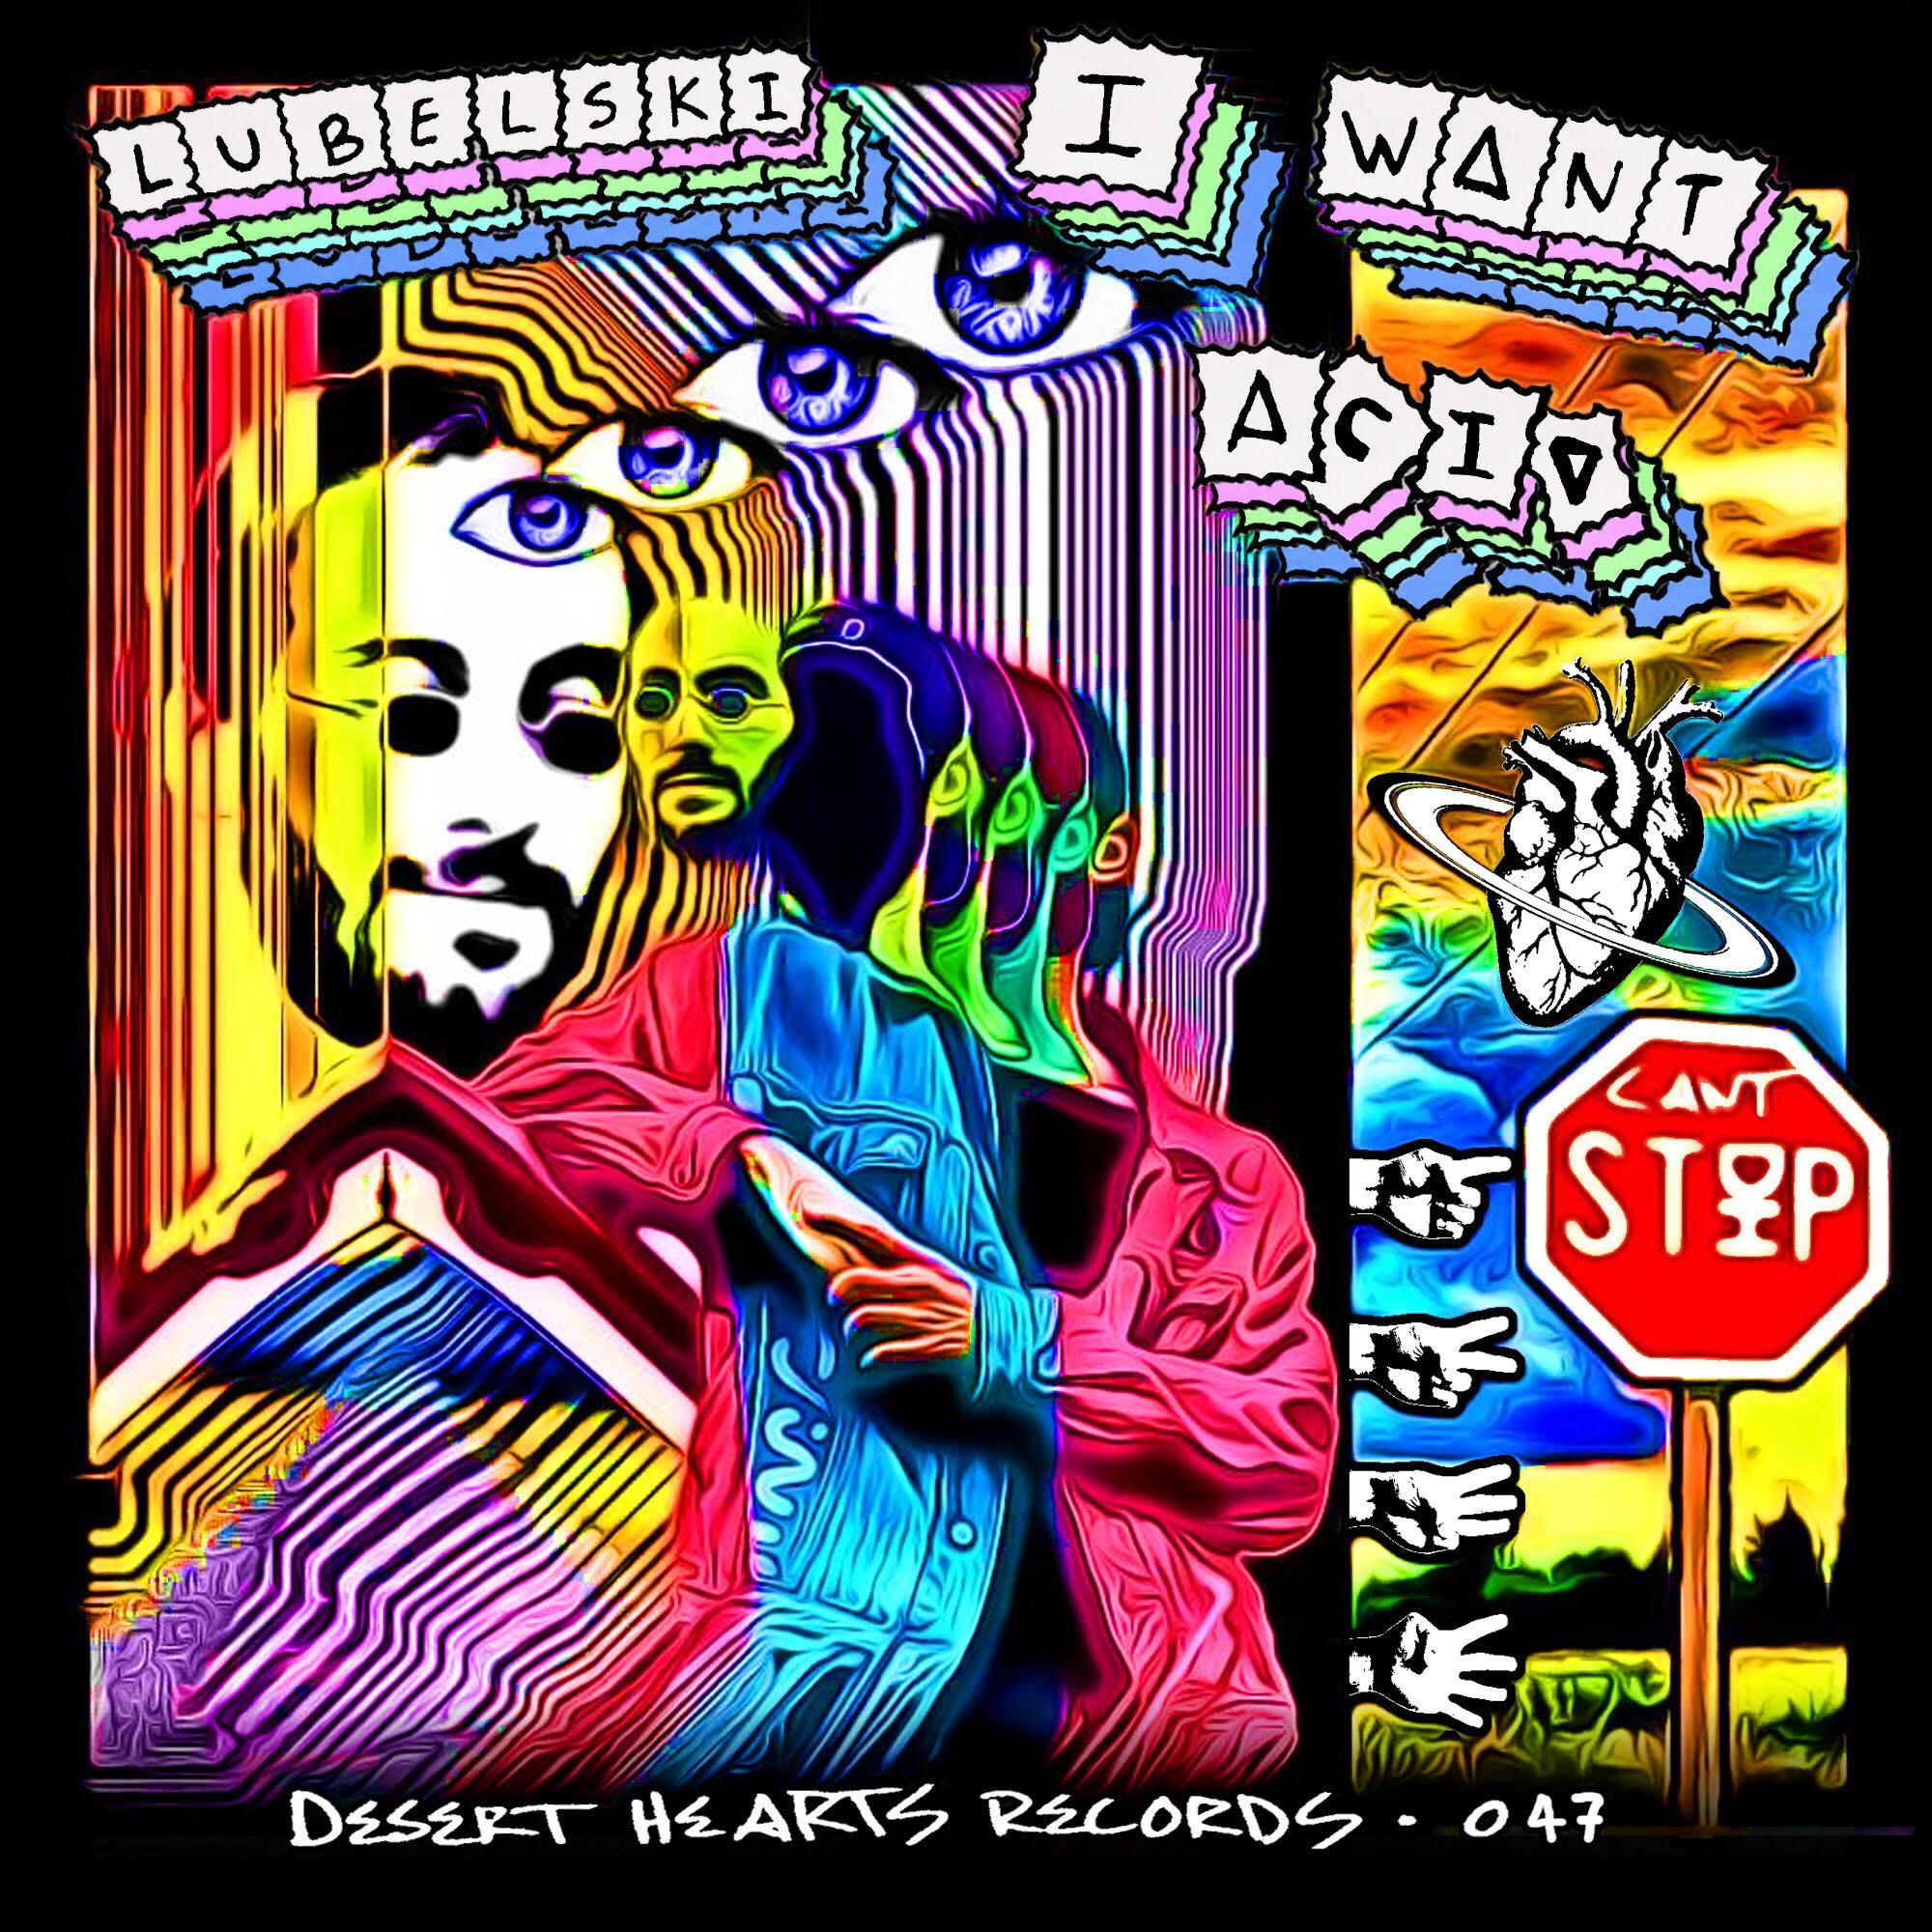 [DH047] Lubelski - I Want Acid EP.jpg